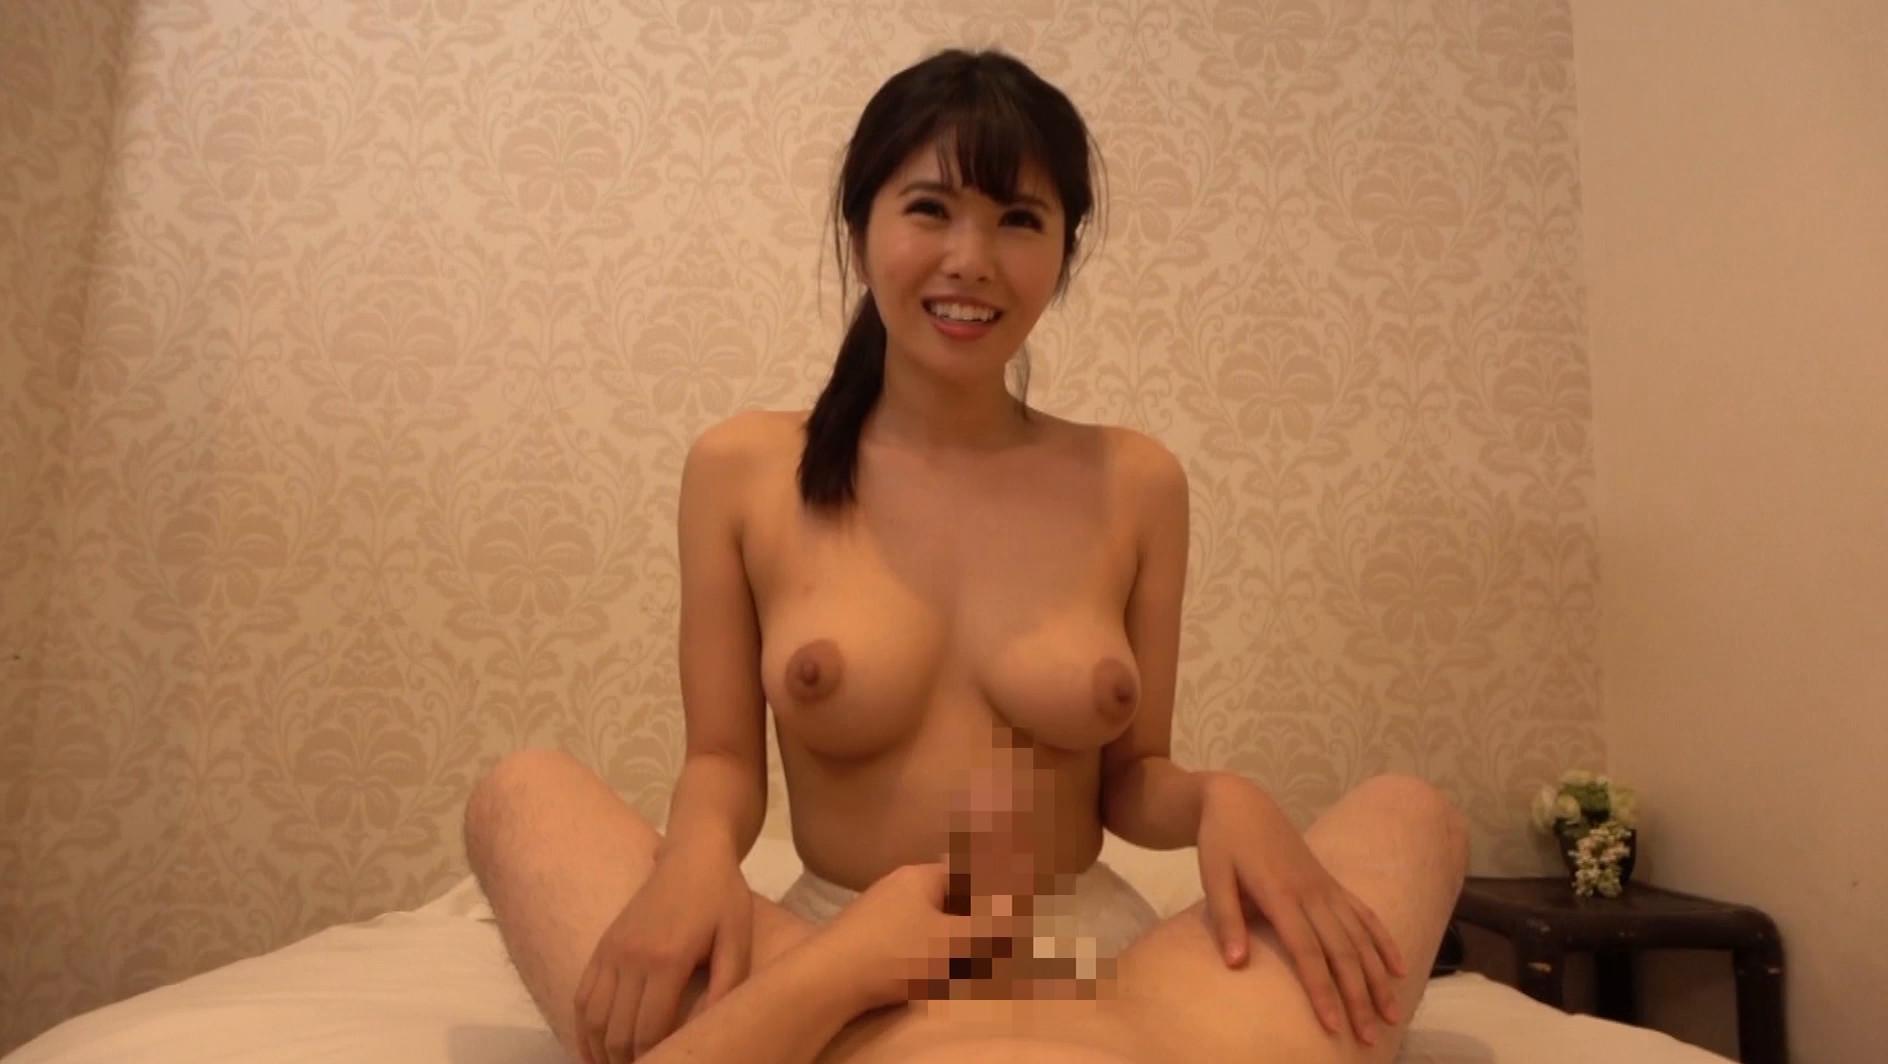 中出し露天温泉 スタイル抜群Hカップ&スレンダー美巨乳の敏感淫乱ビッチ